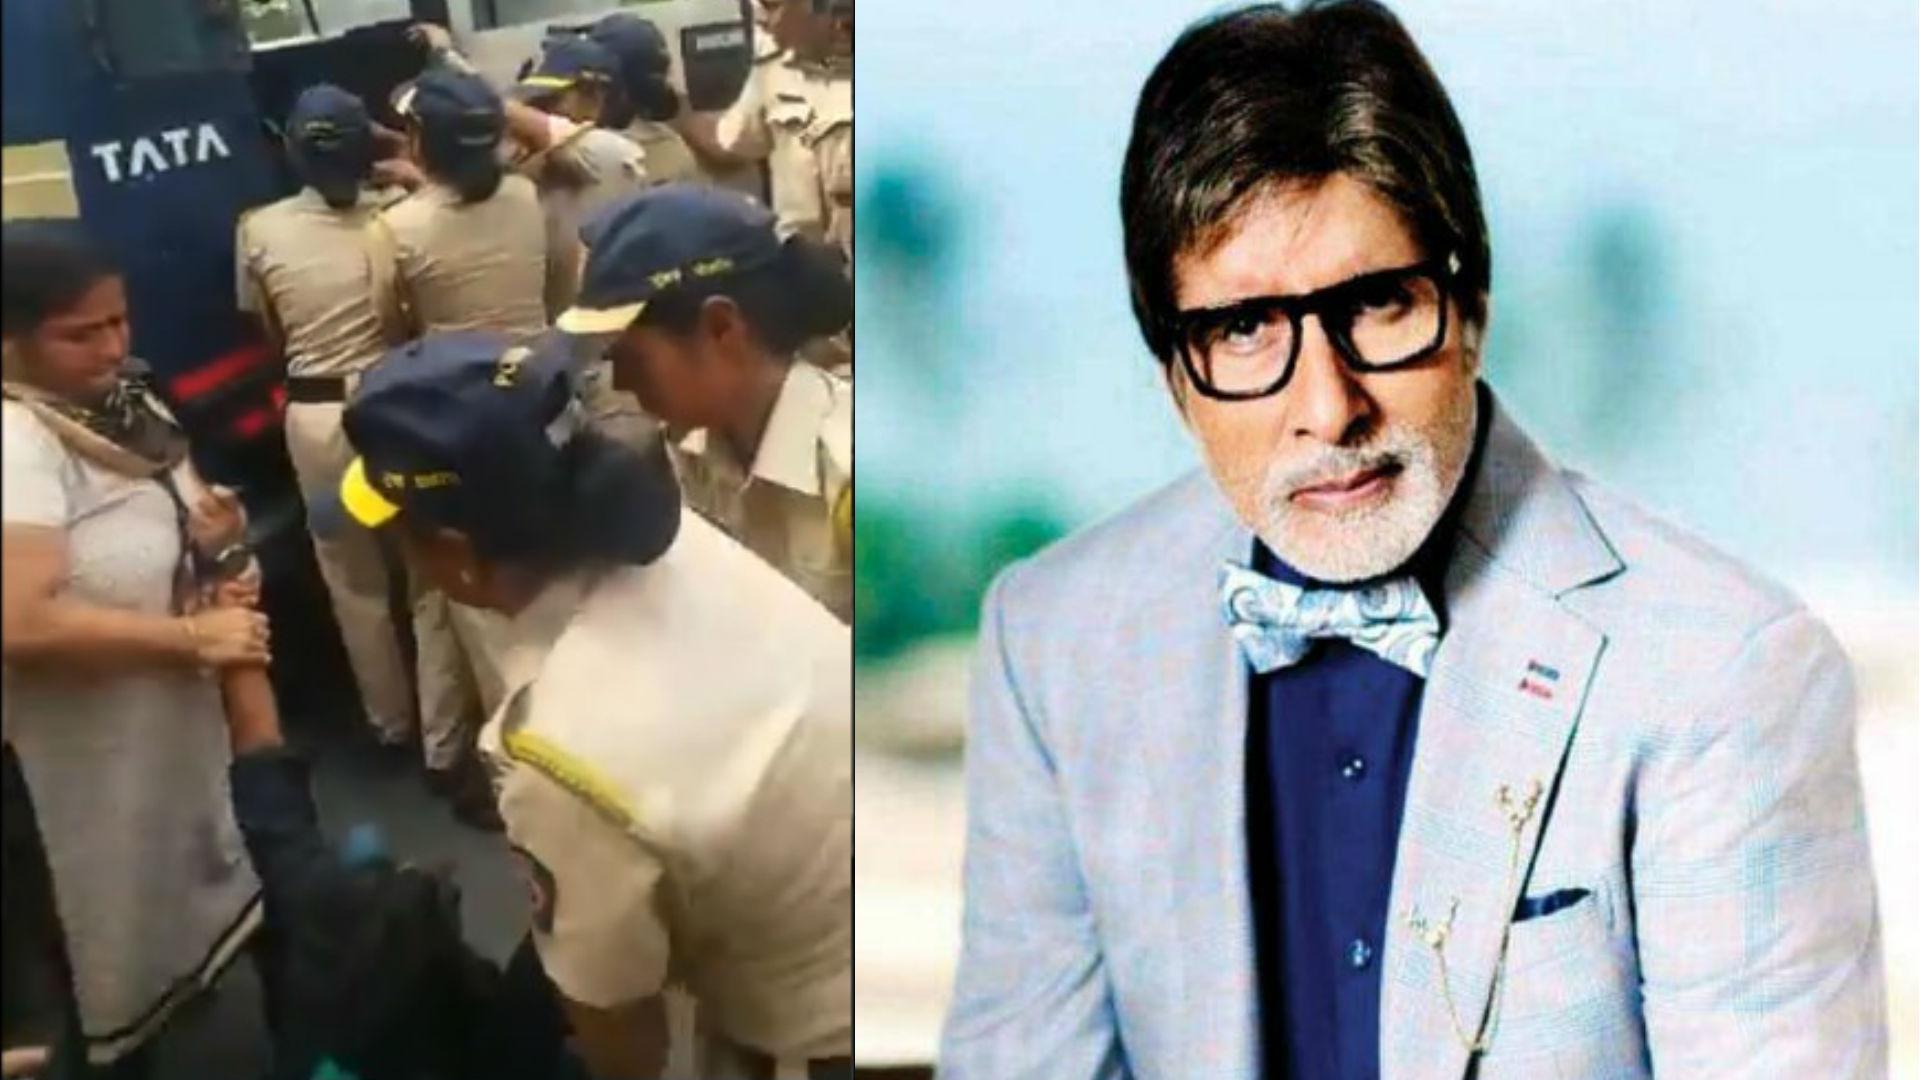 Aarey Forest: अमिताभ बच्चन के घर के बाहर प्रदर्शन कर रहे थे छात्र, पुलिस ने हिरासत में लिया, देखिए वीडियो